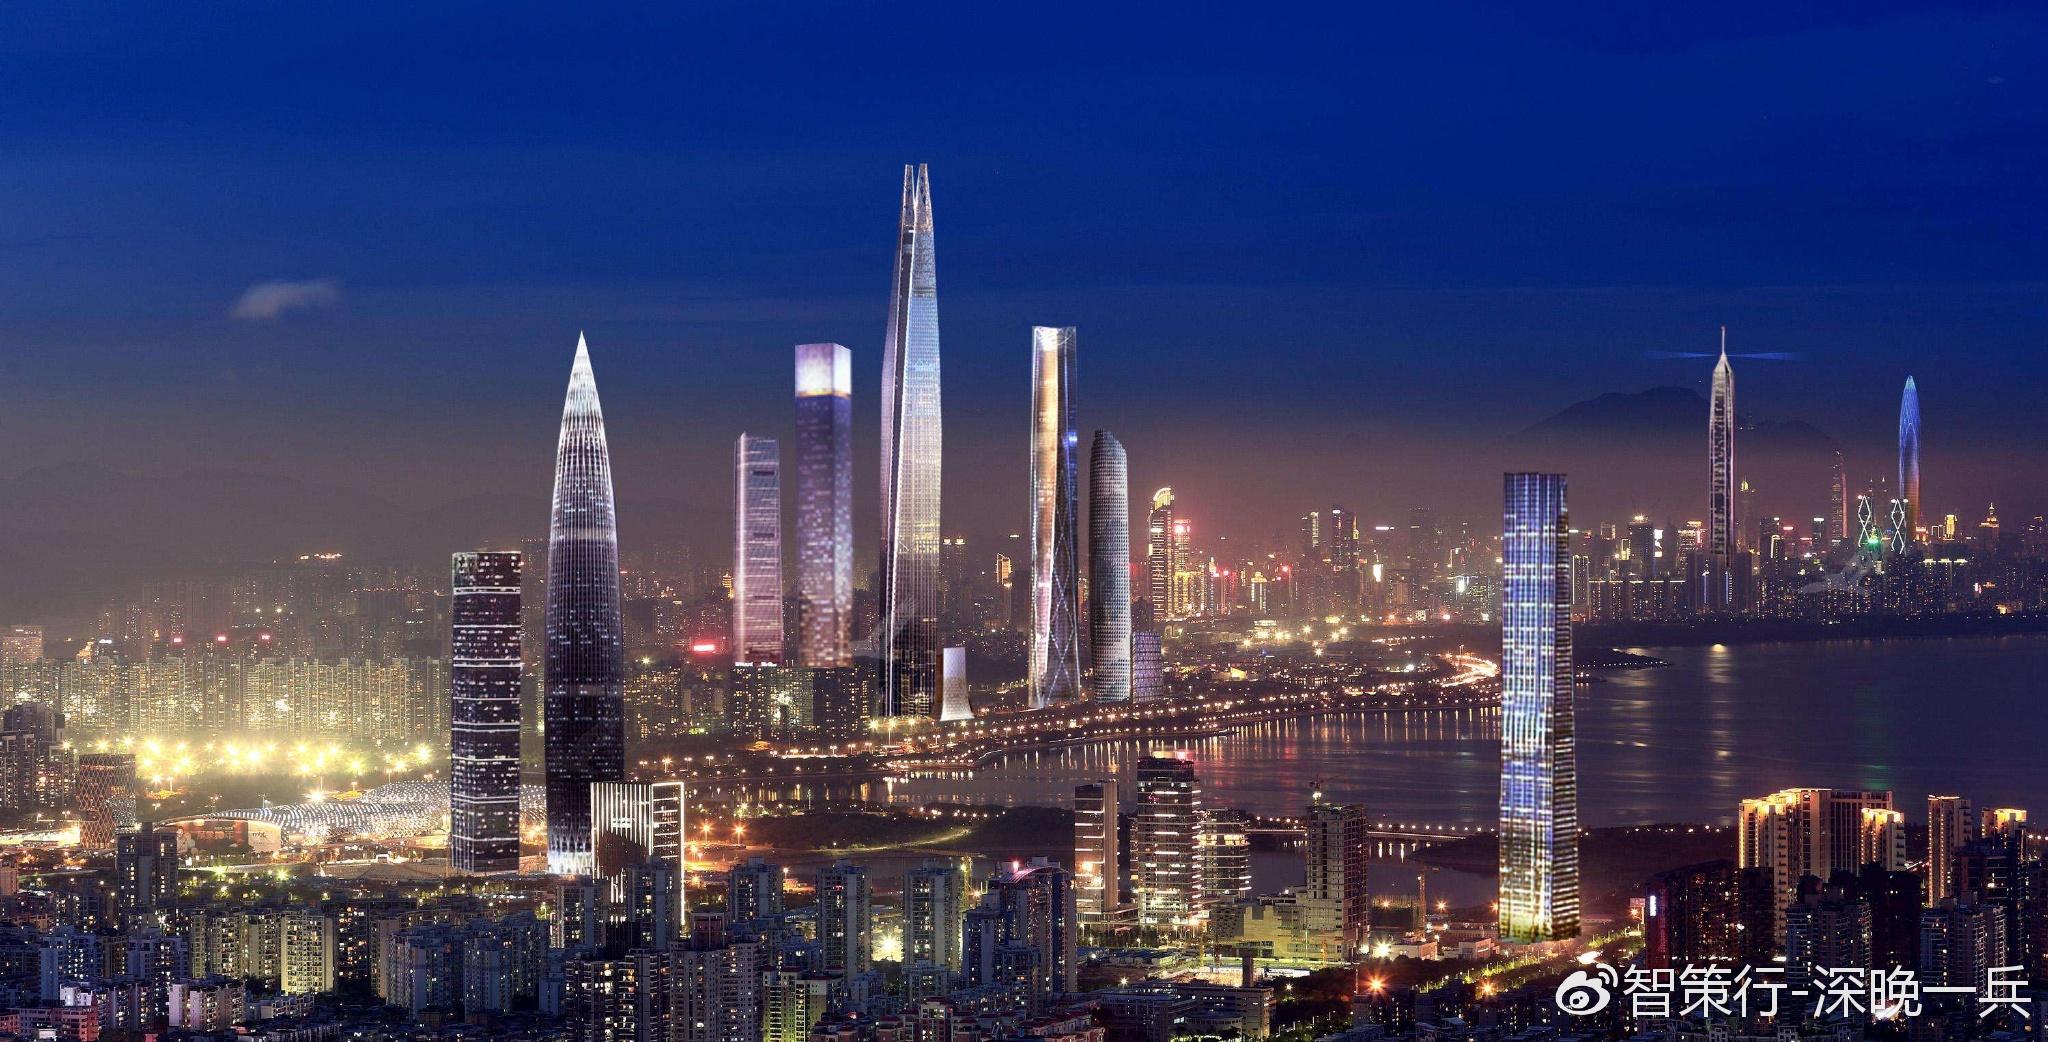 從深圳灣到香港維多利亞港怎么坐車?